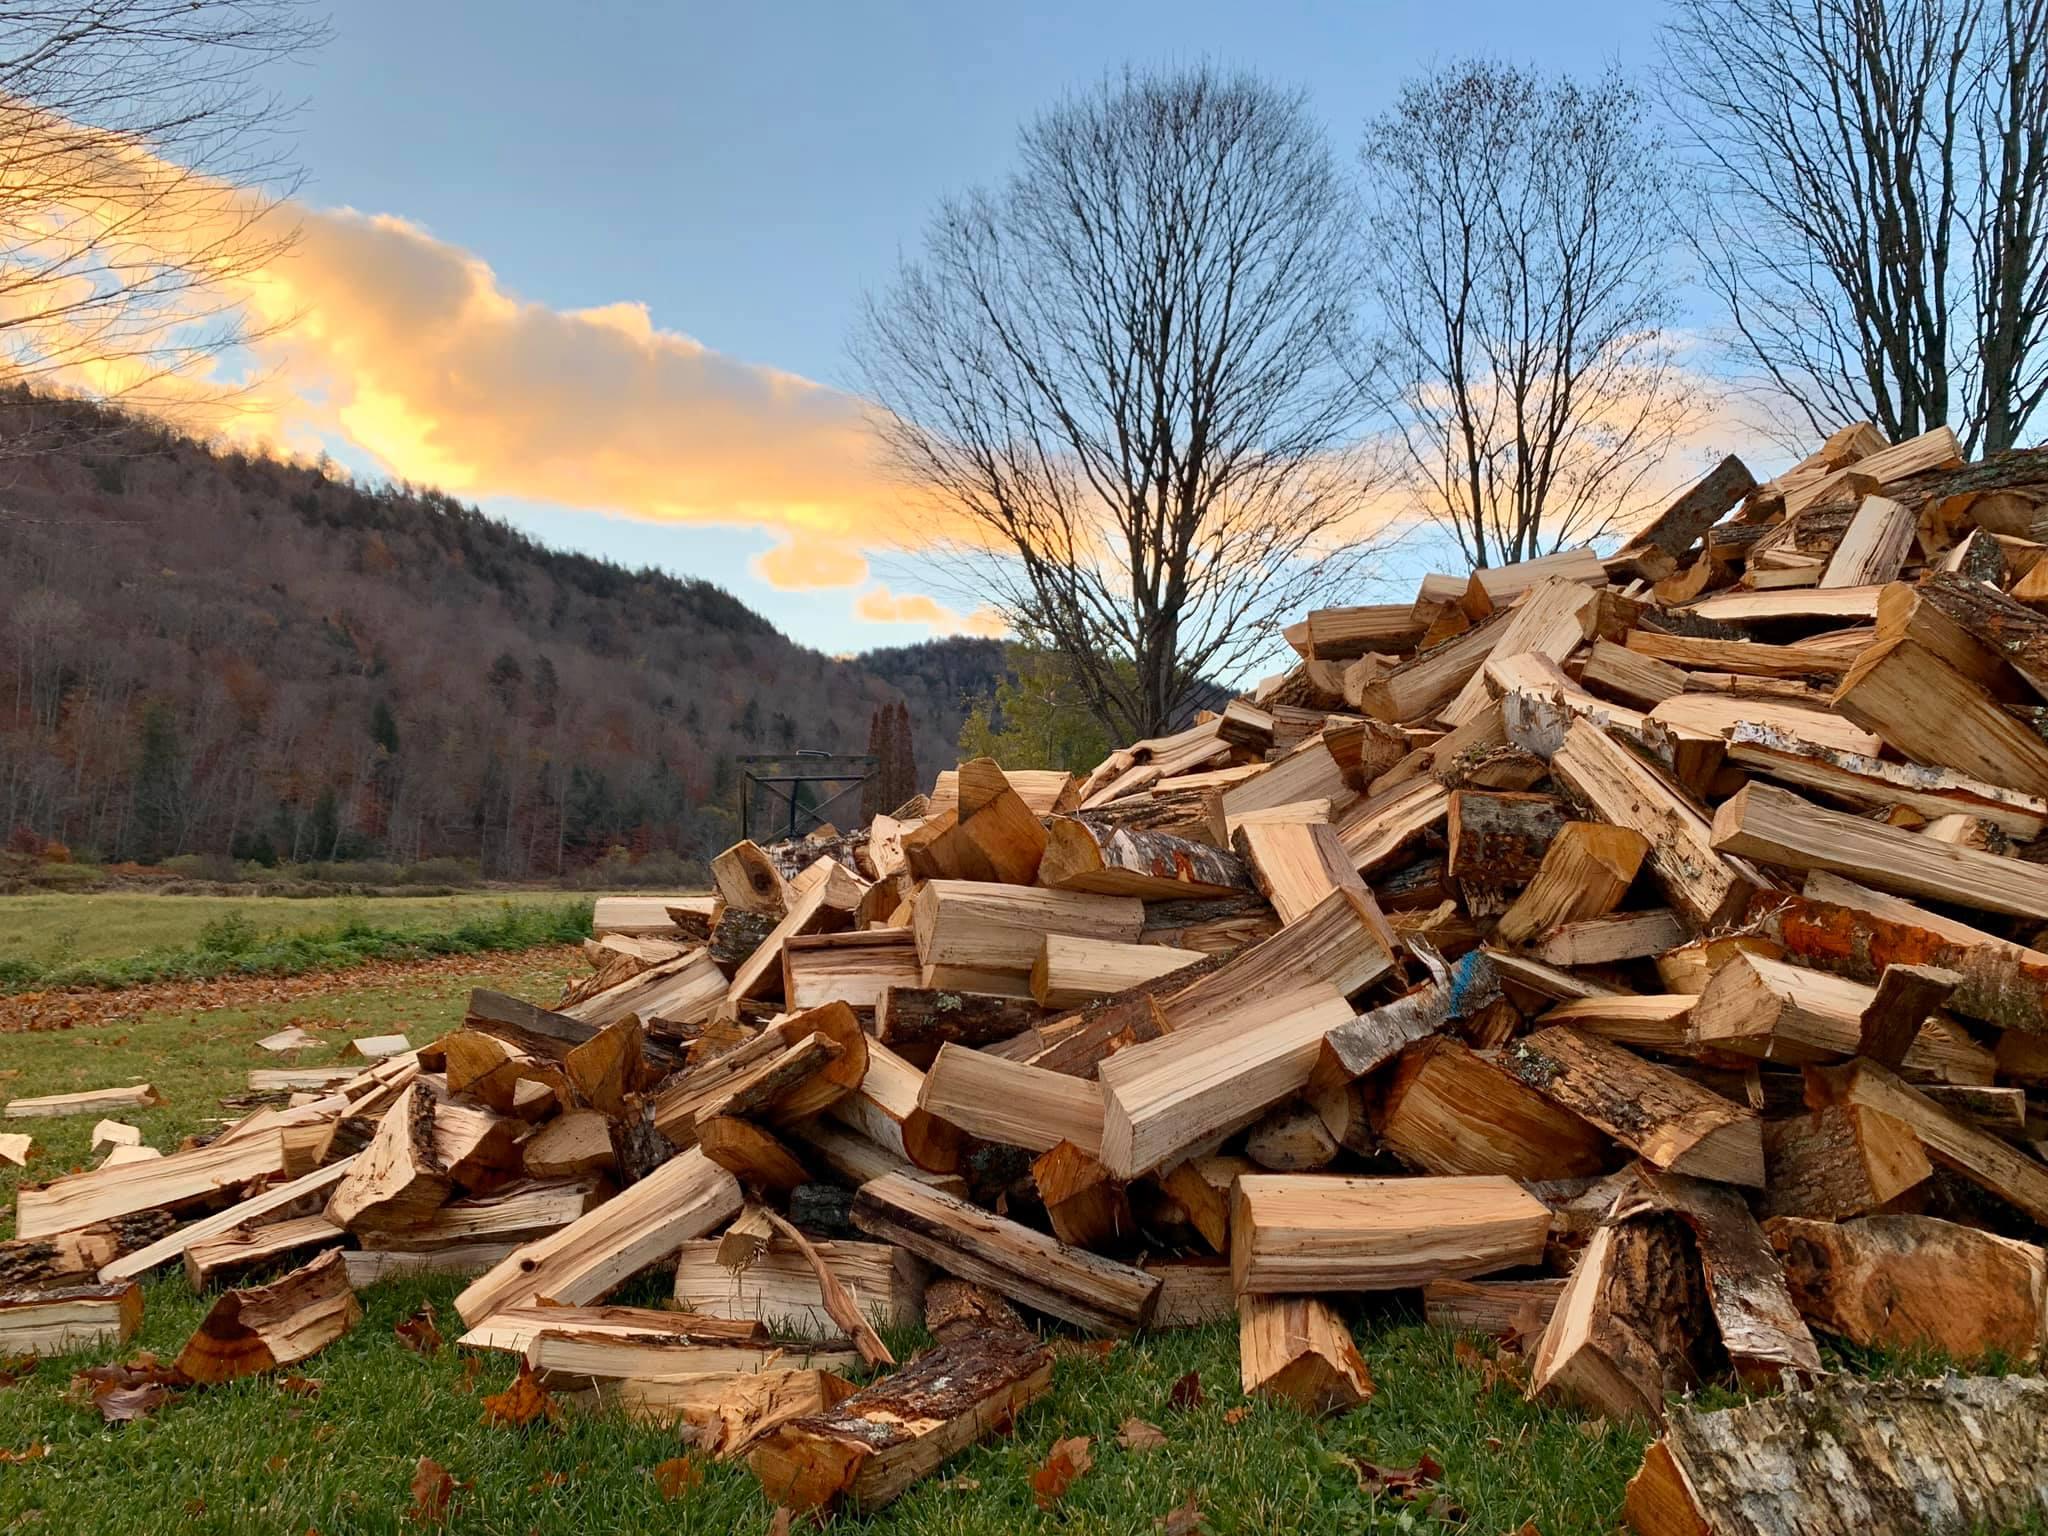 SHSC Wood stacking weekend 2